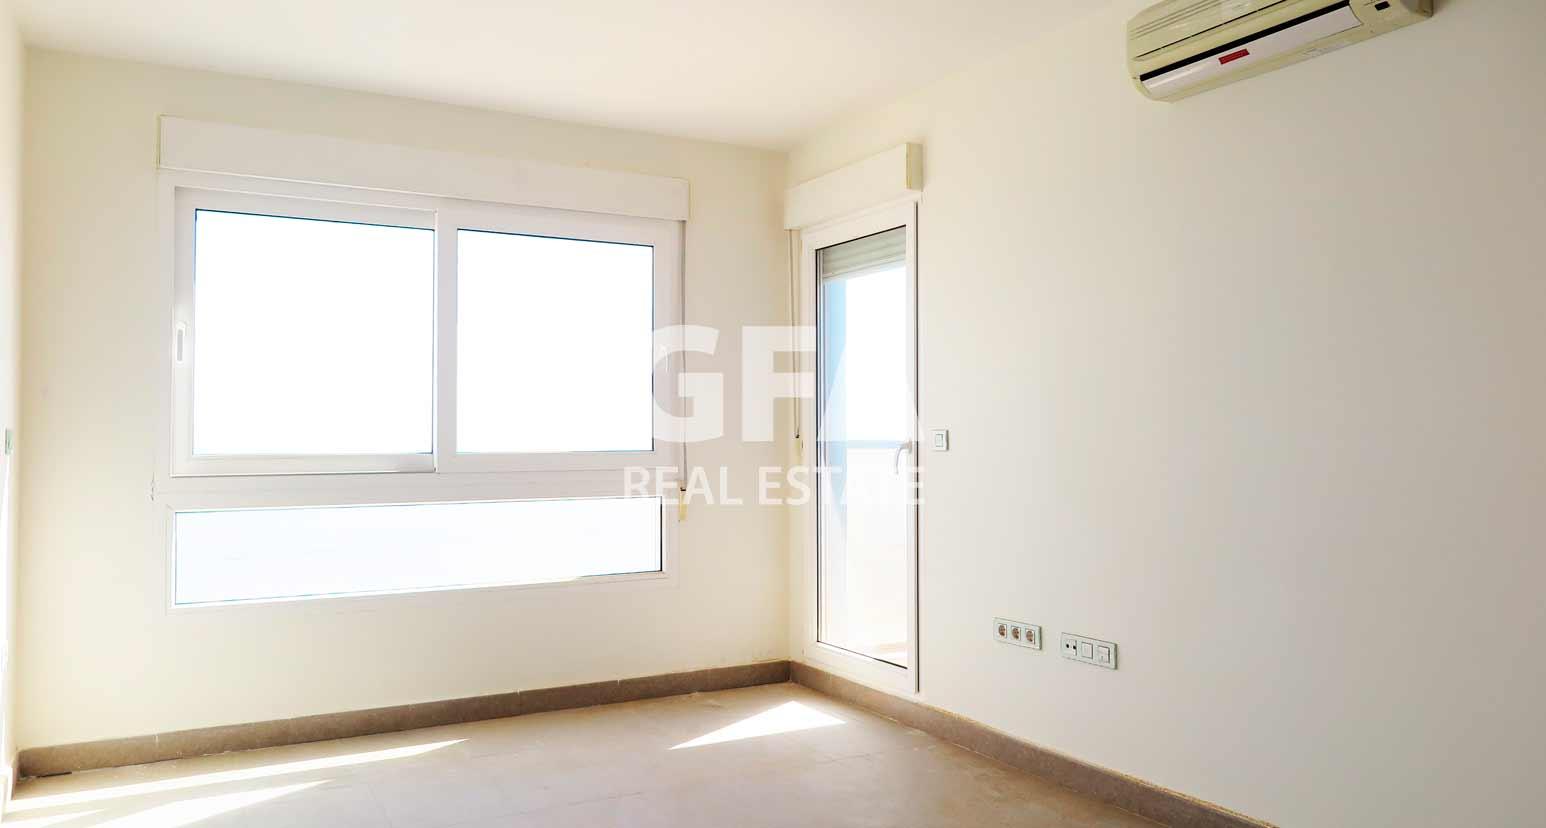 pisos-venta-la-manga-salon-4